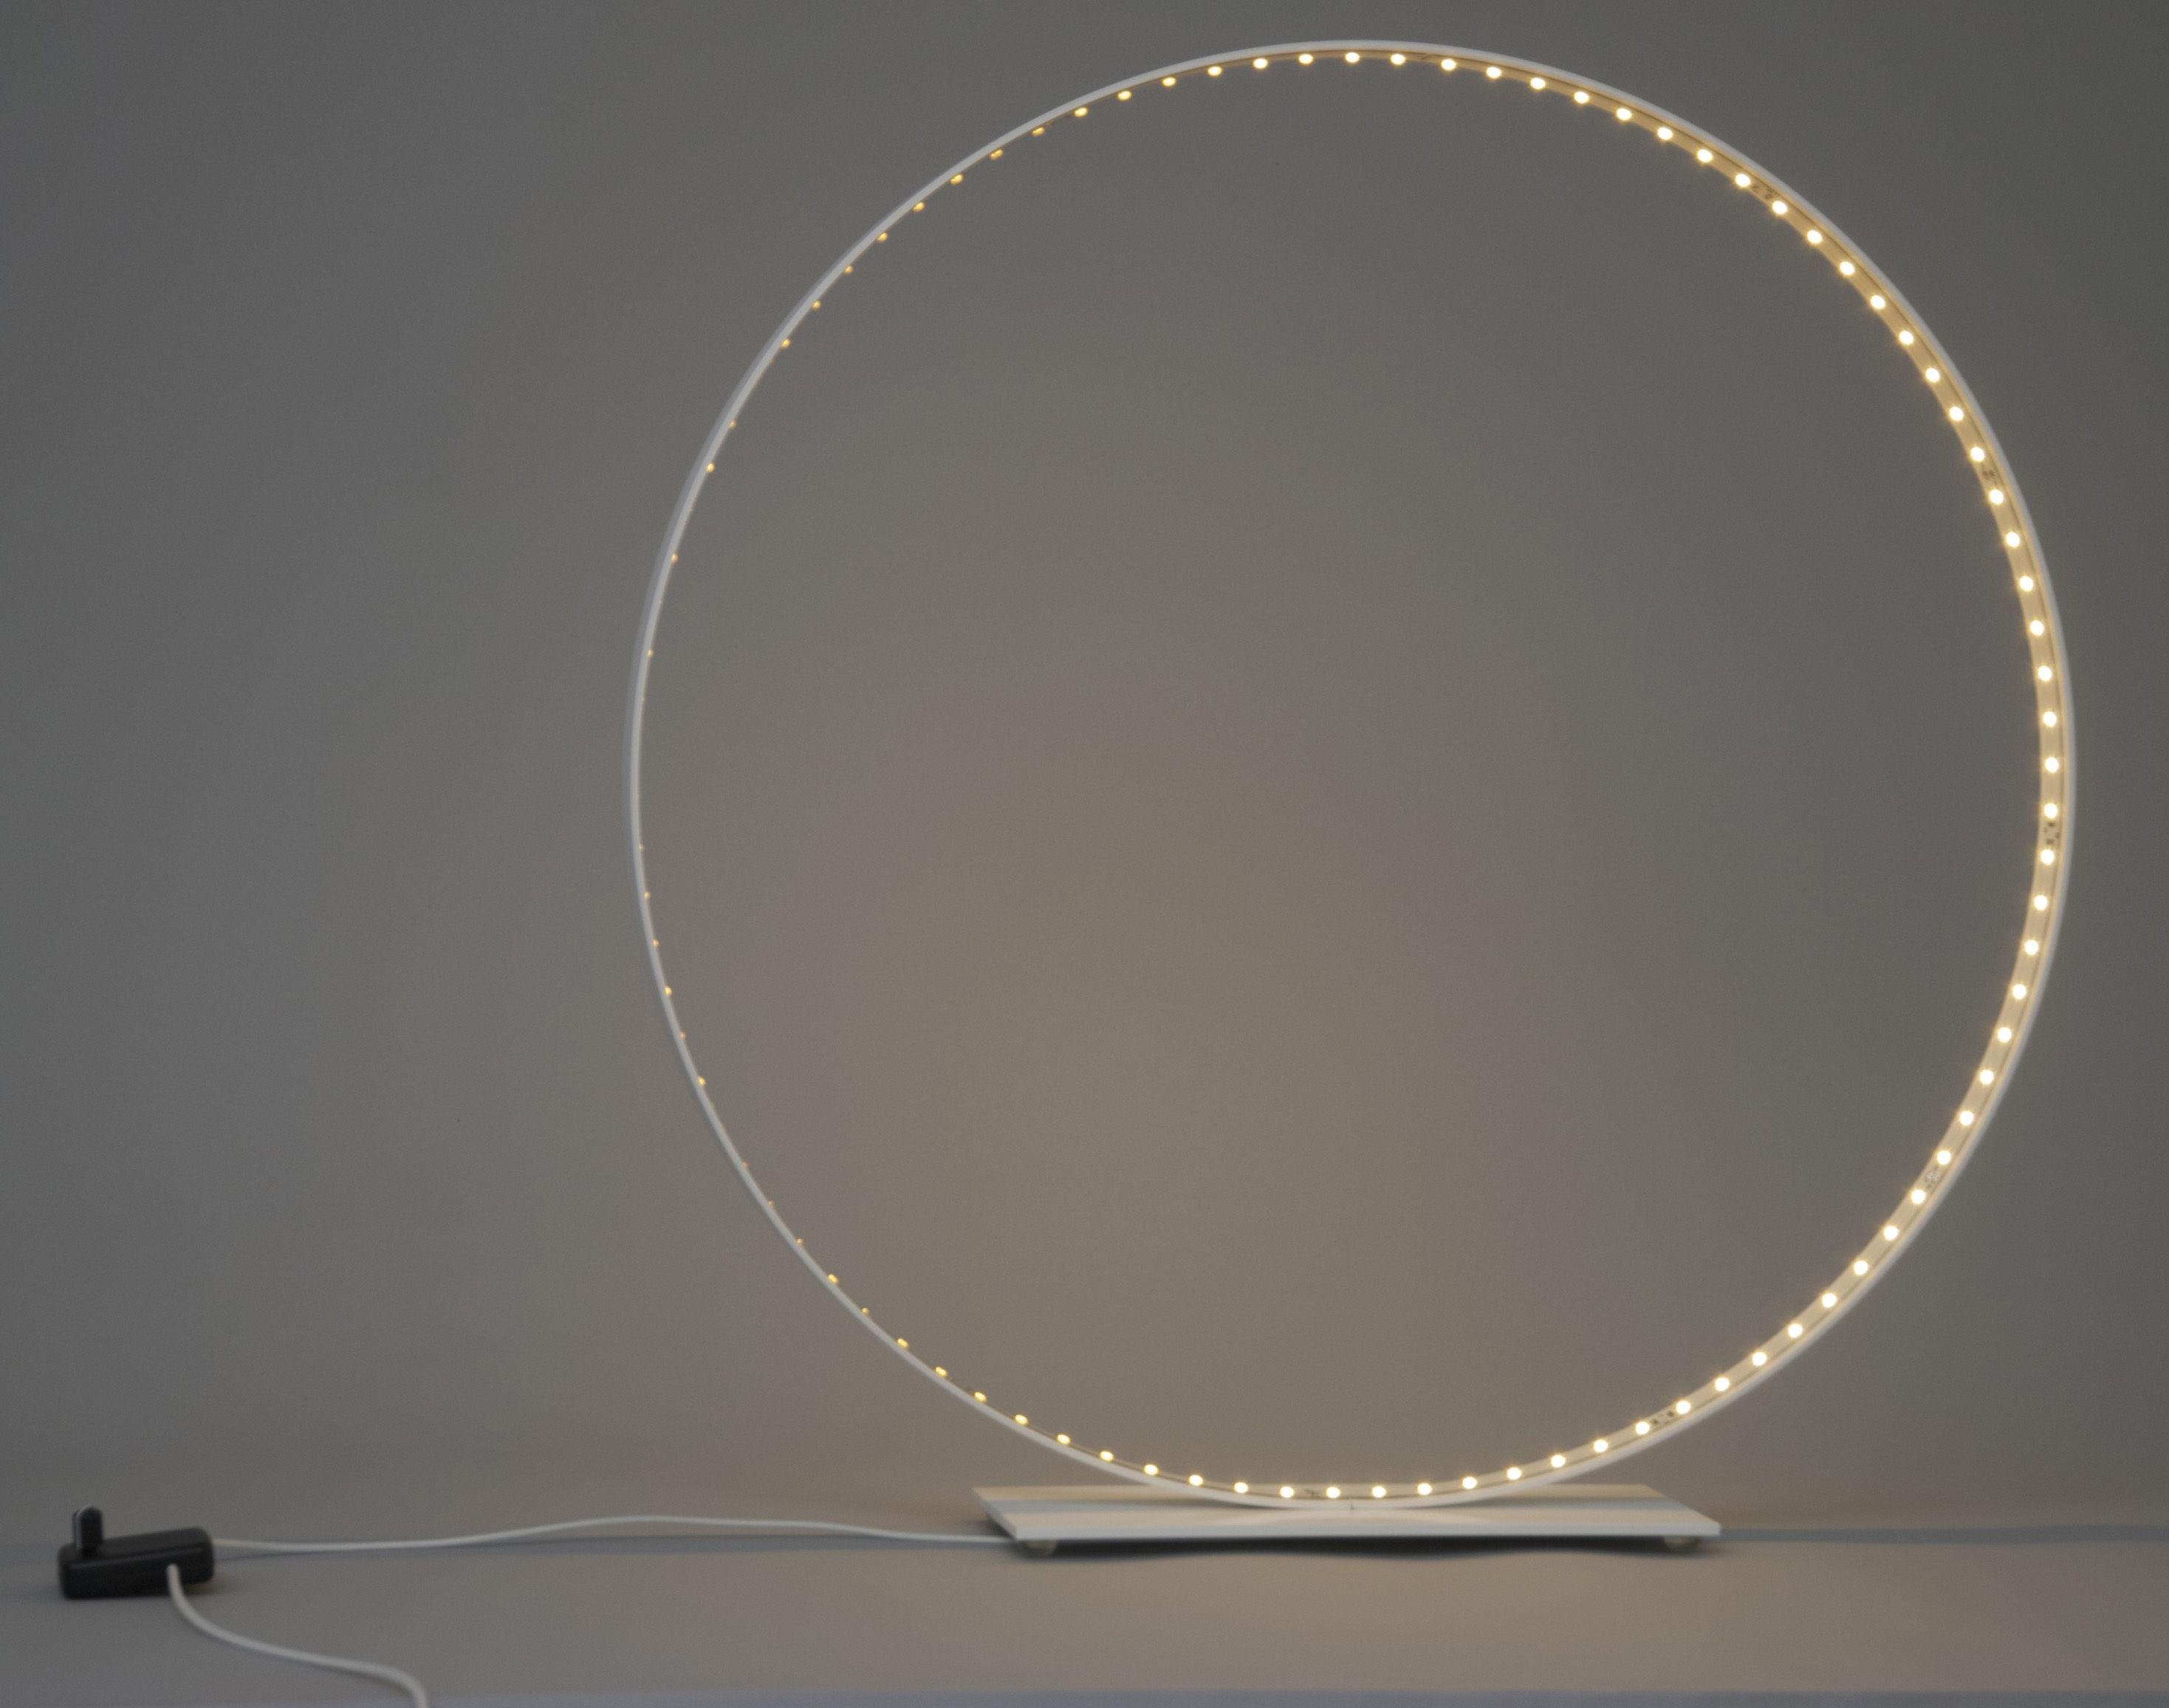 Lampe de table classic led 63 cm blanc le deun for Division 2 table 98 99